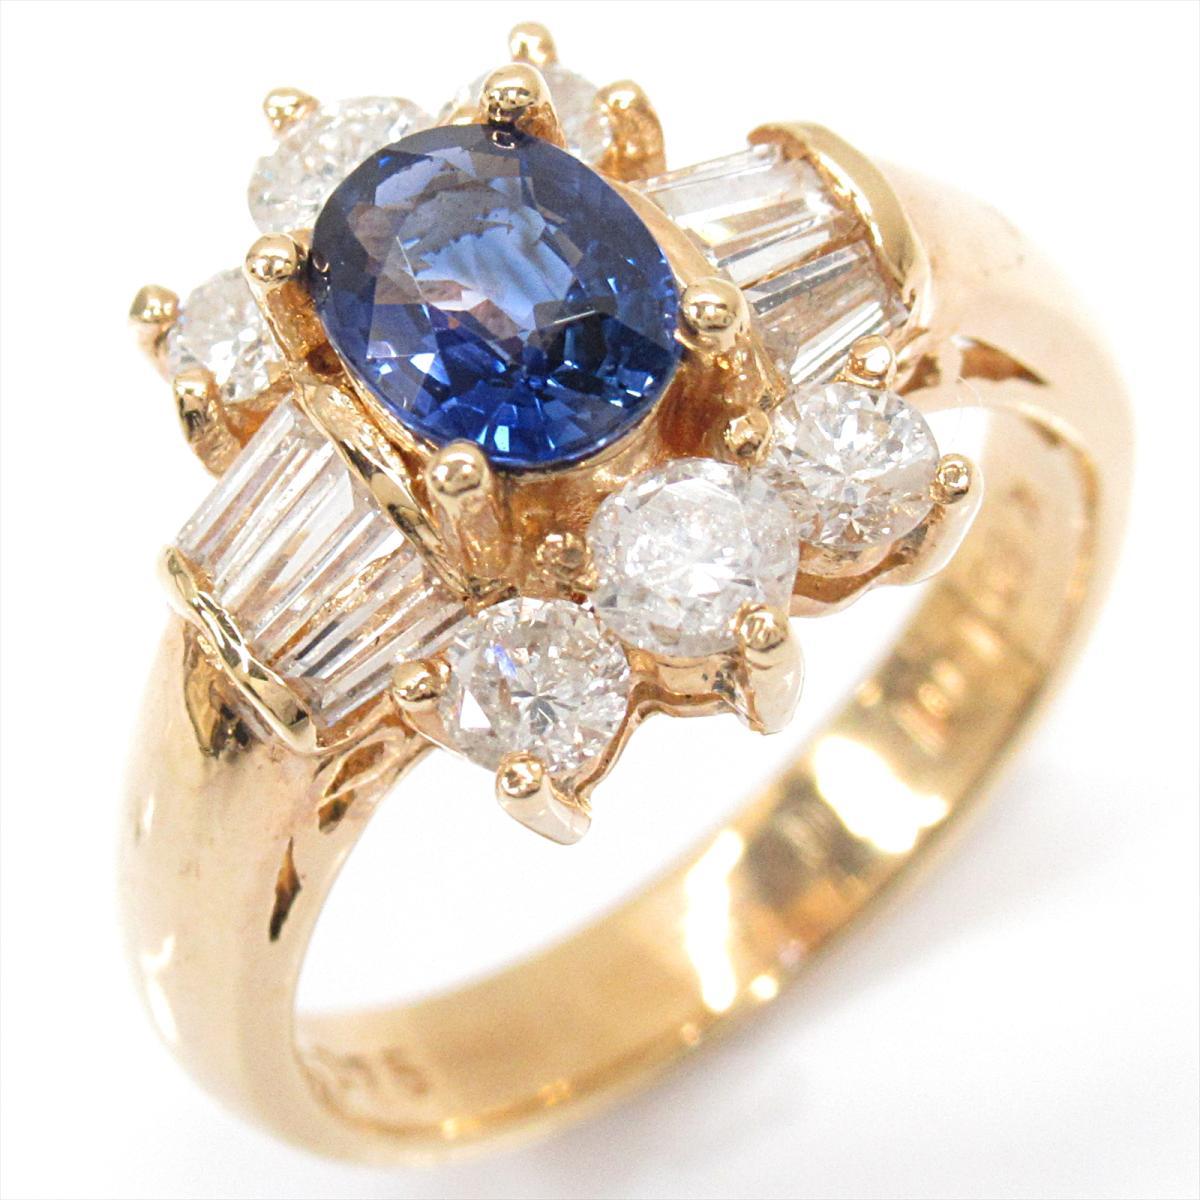 【中古】 ジュエリー サファイア リング 指輪 レディース K18YG (750) イエローゴールド x ダイヤモンド | JEWELRY BRANDOFF ブランドオフ ブランド アクセサリー